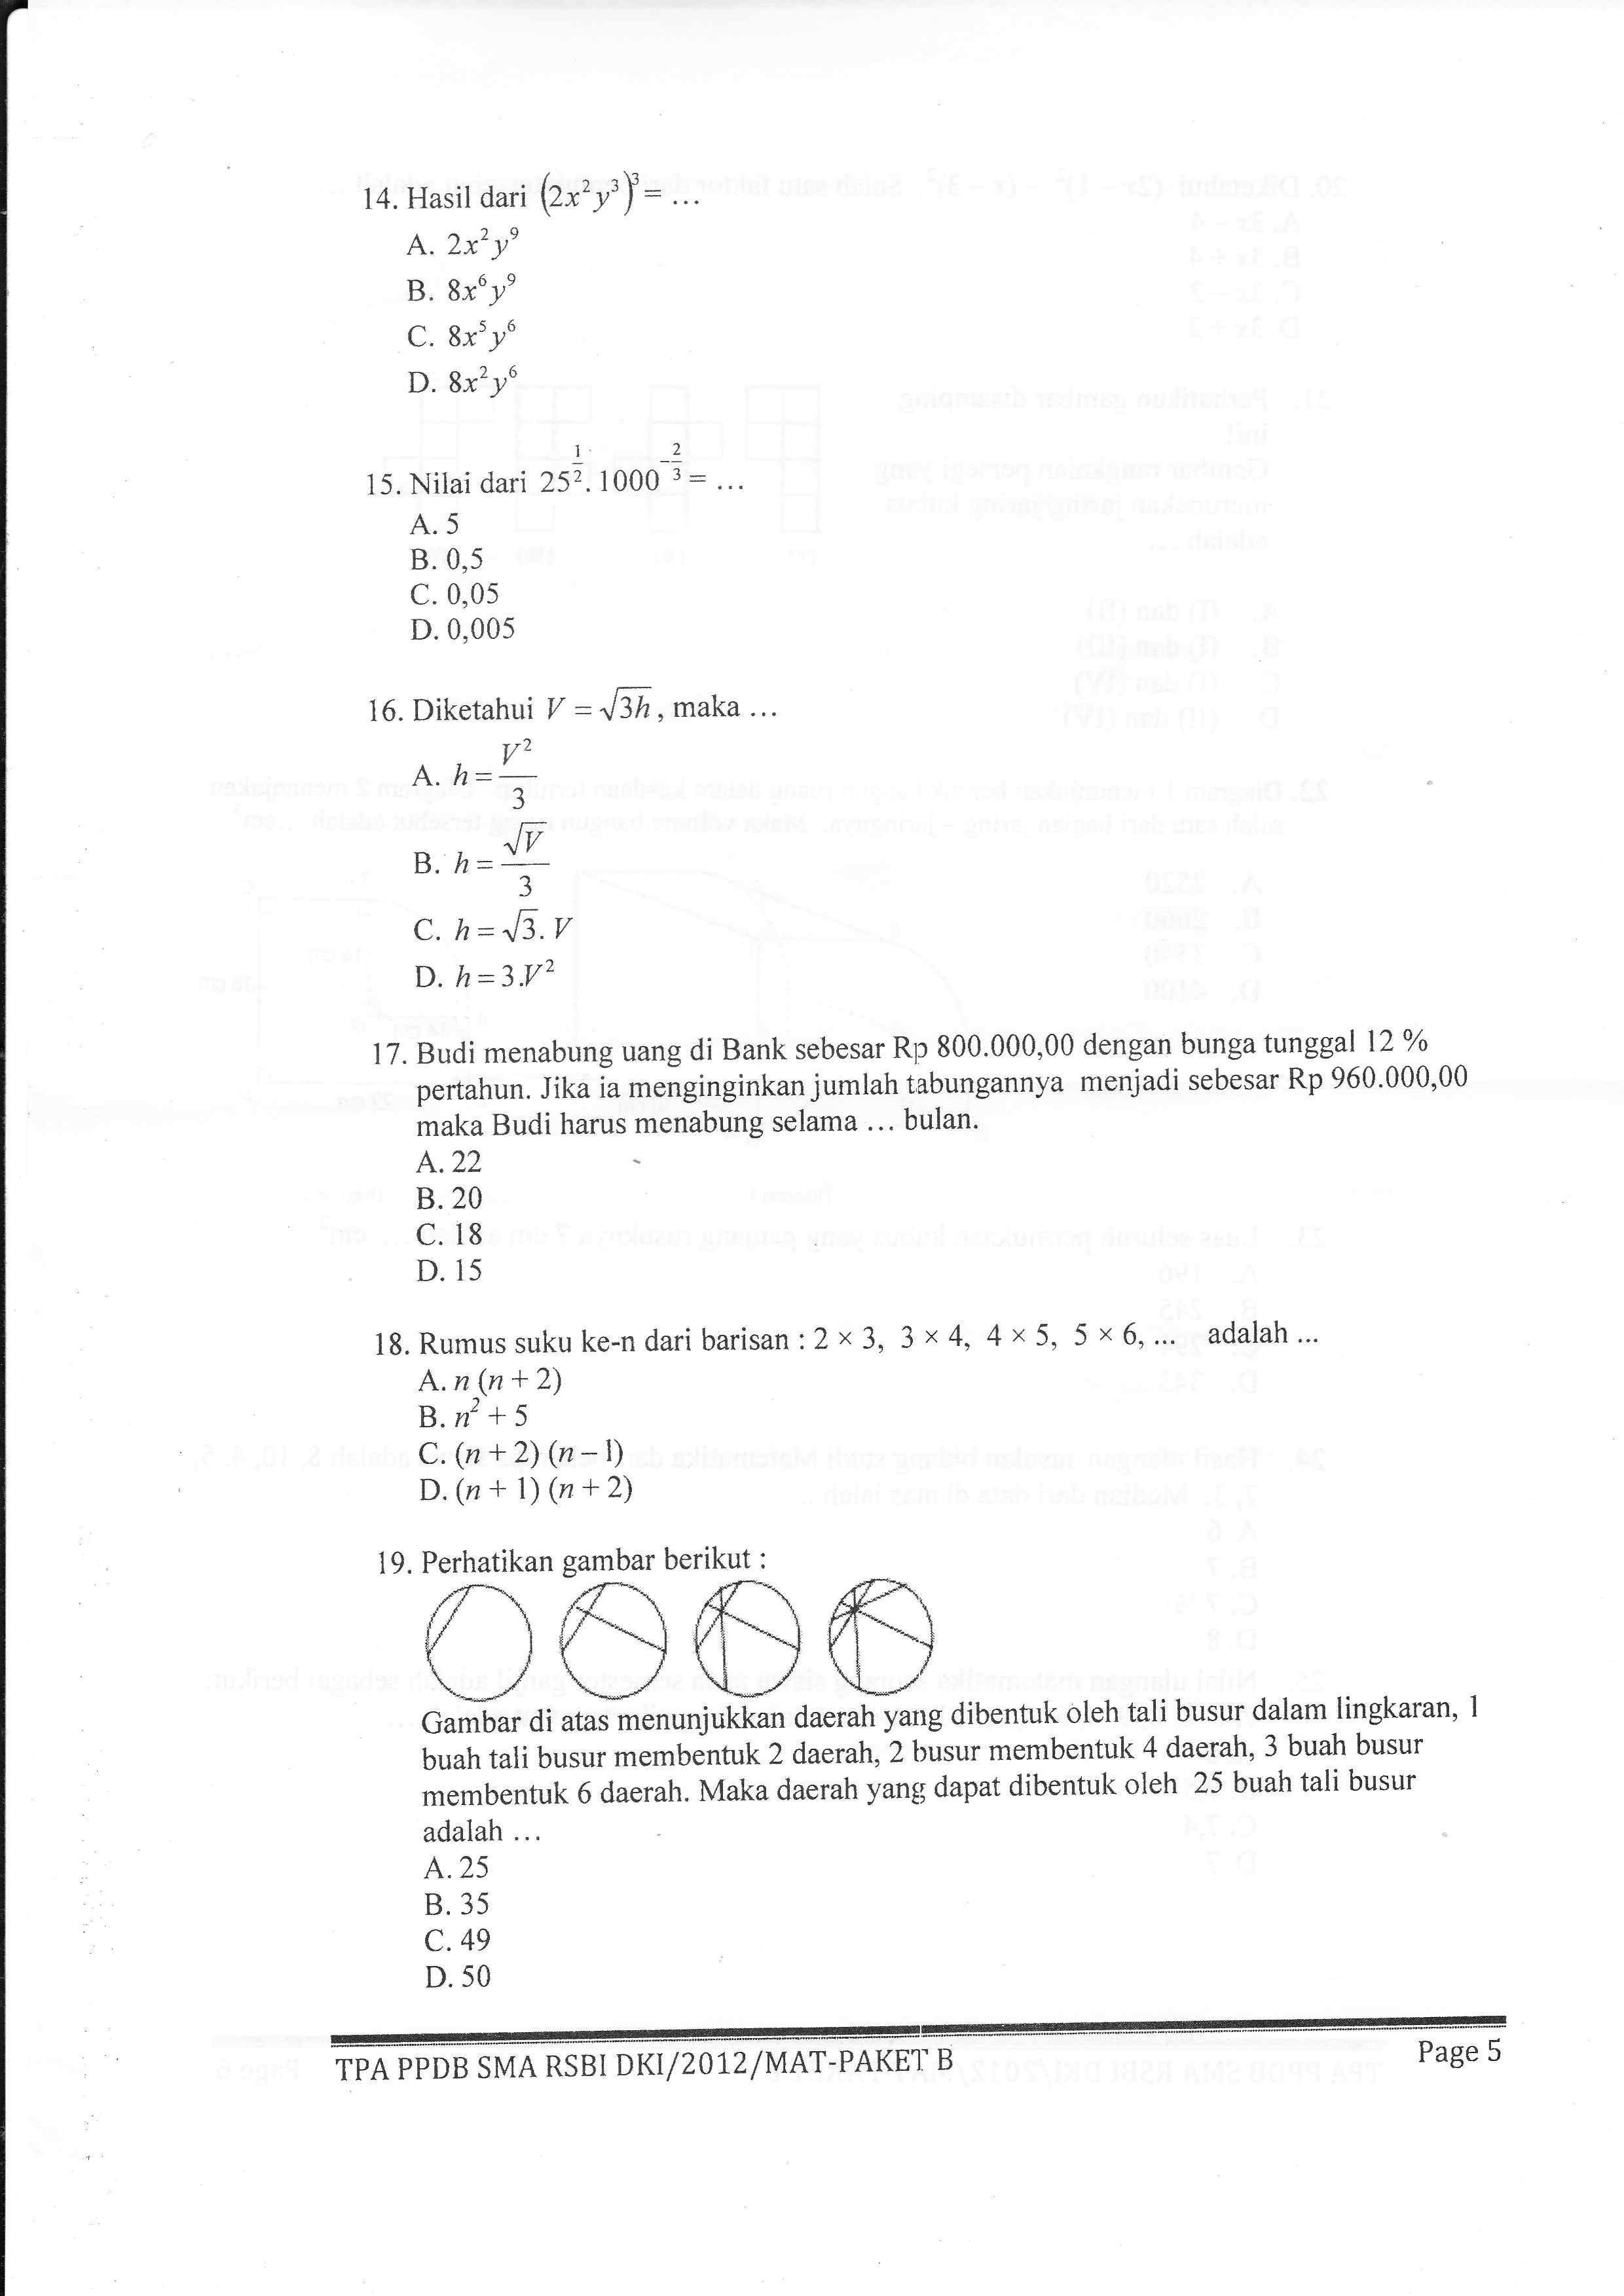 Contoh Soal Psikotes Masuk Sma Favorit Dan Jawabannya Kumpulan Materi Pelajaran Dan Contoh Soal 5